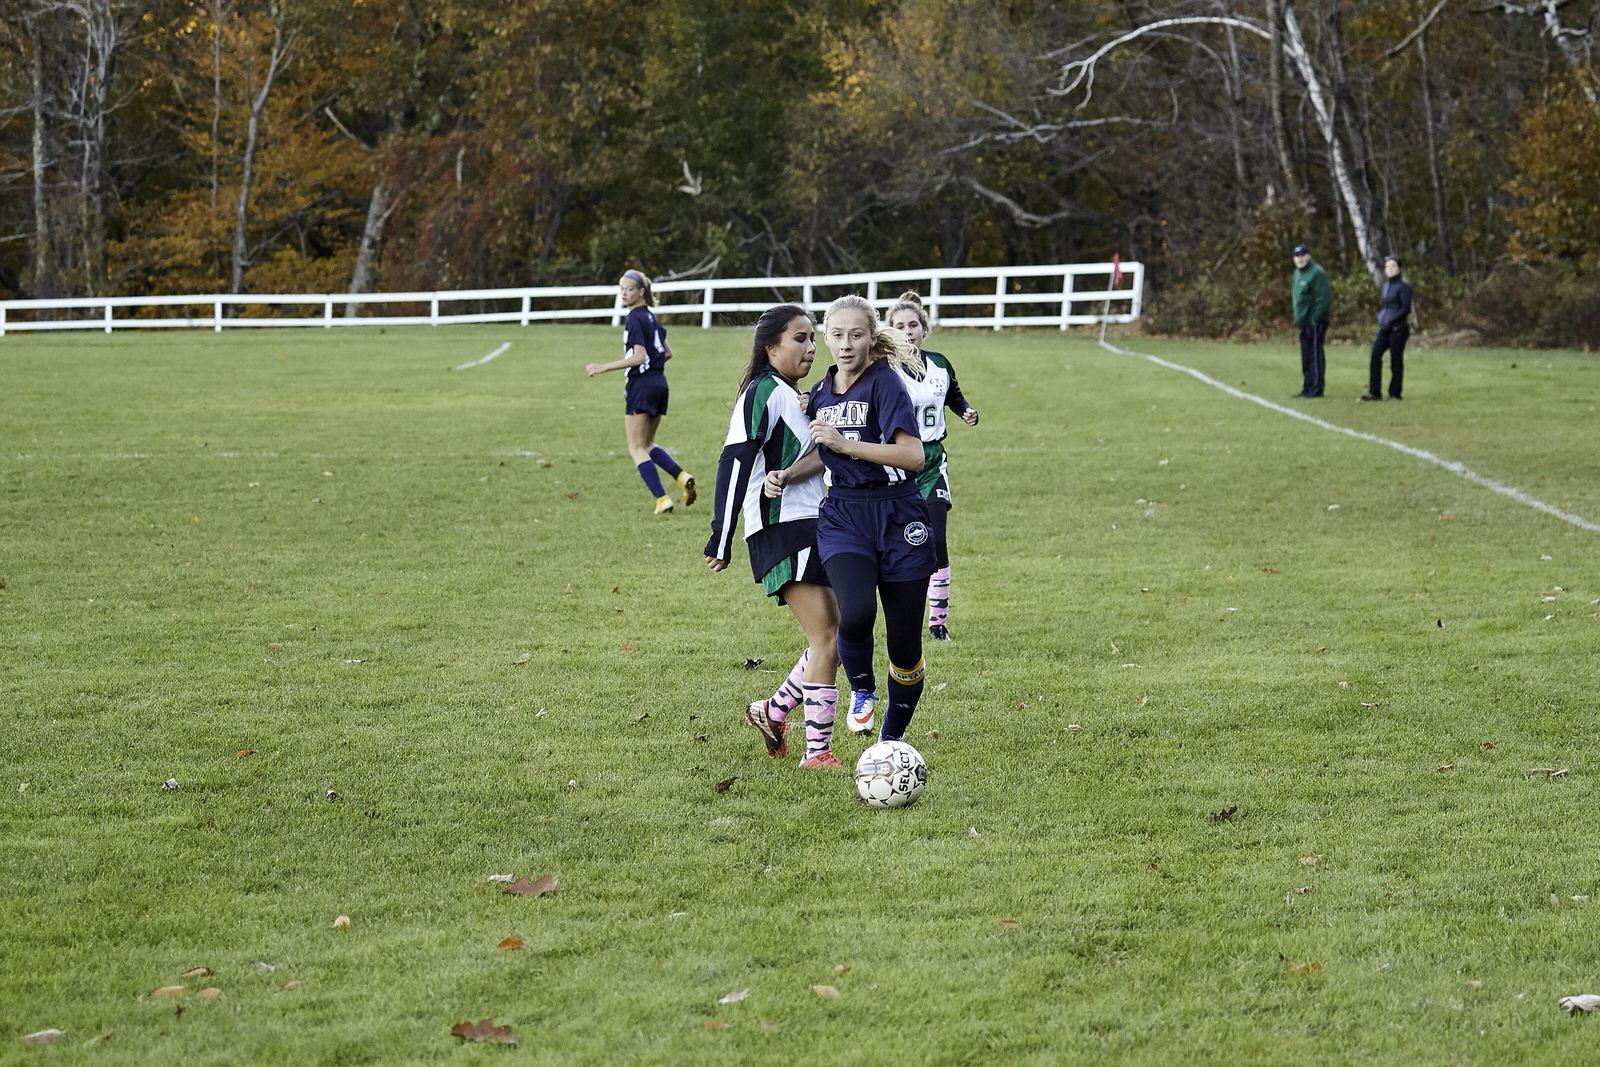 Girls Varsity Soccer vs. Eagle Hill School - October 30, 2018 139224.jpg